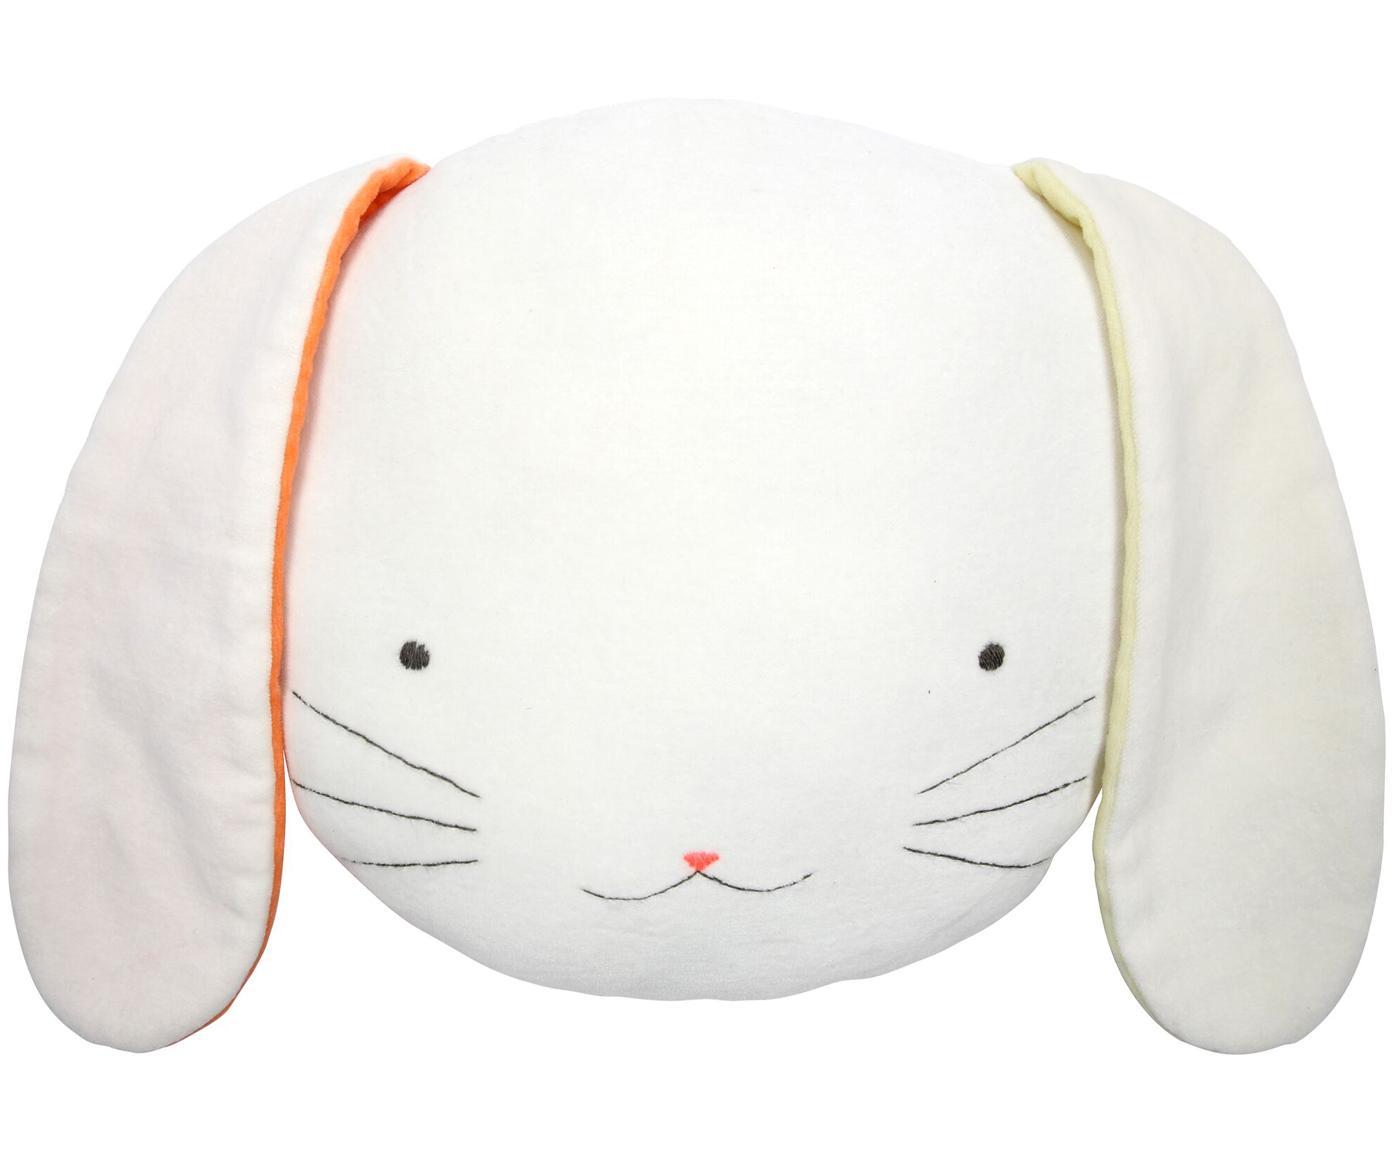 Kuschelkissen Bunny, Bezug: Baumwollsamt, Weiss, Gelb, Orange, Schwarz, 26 x 20 cm